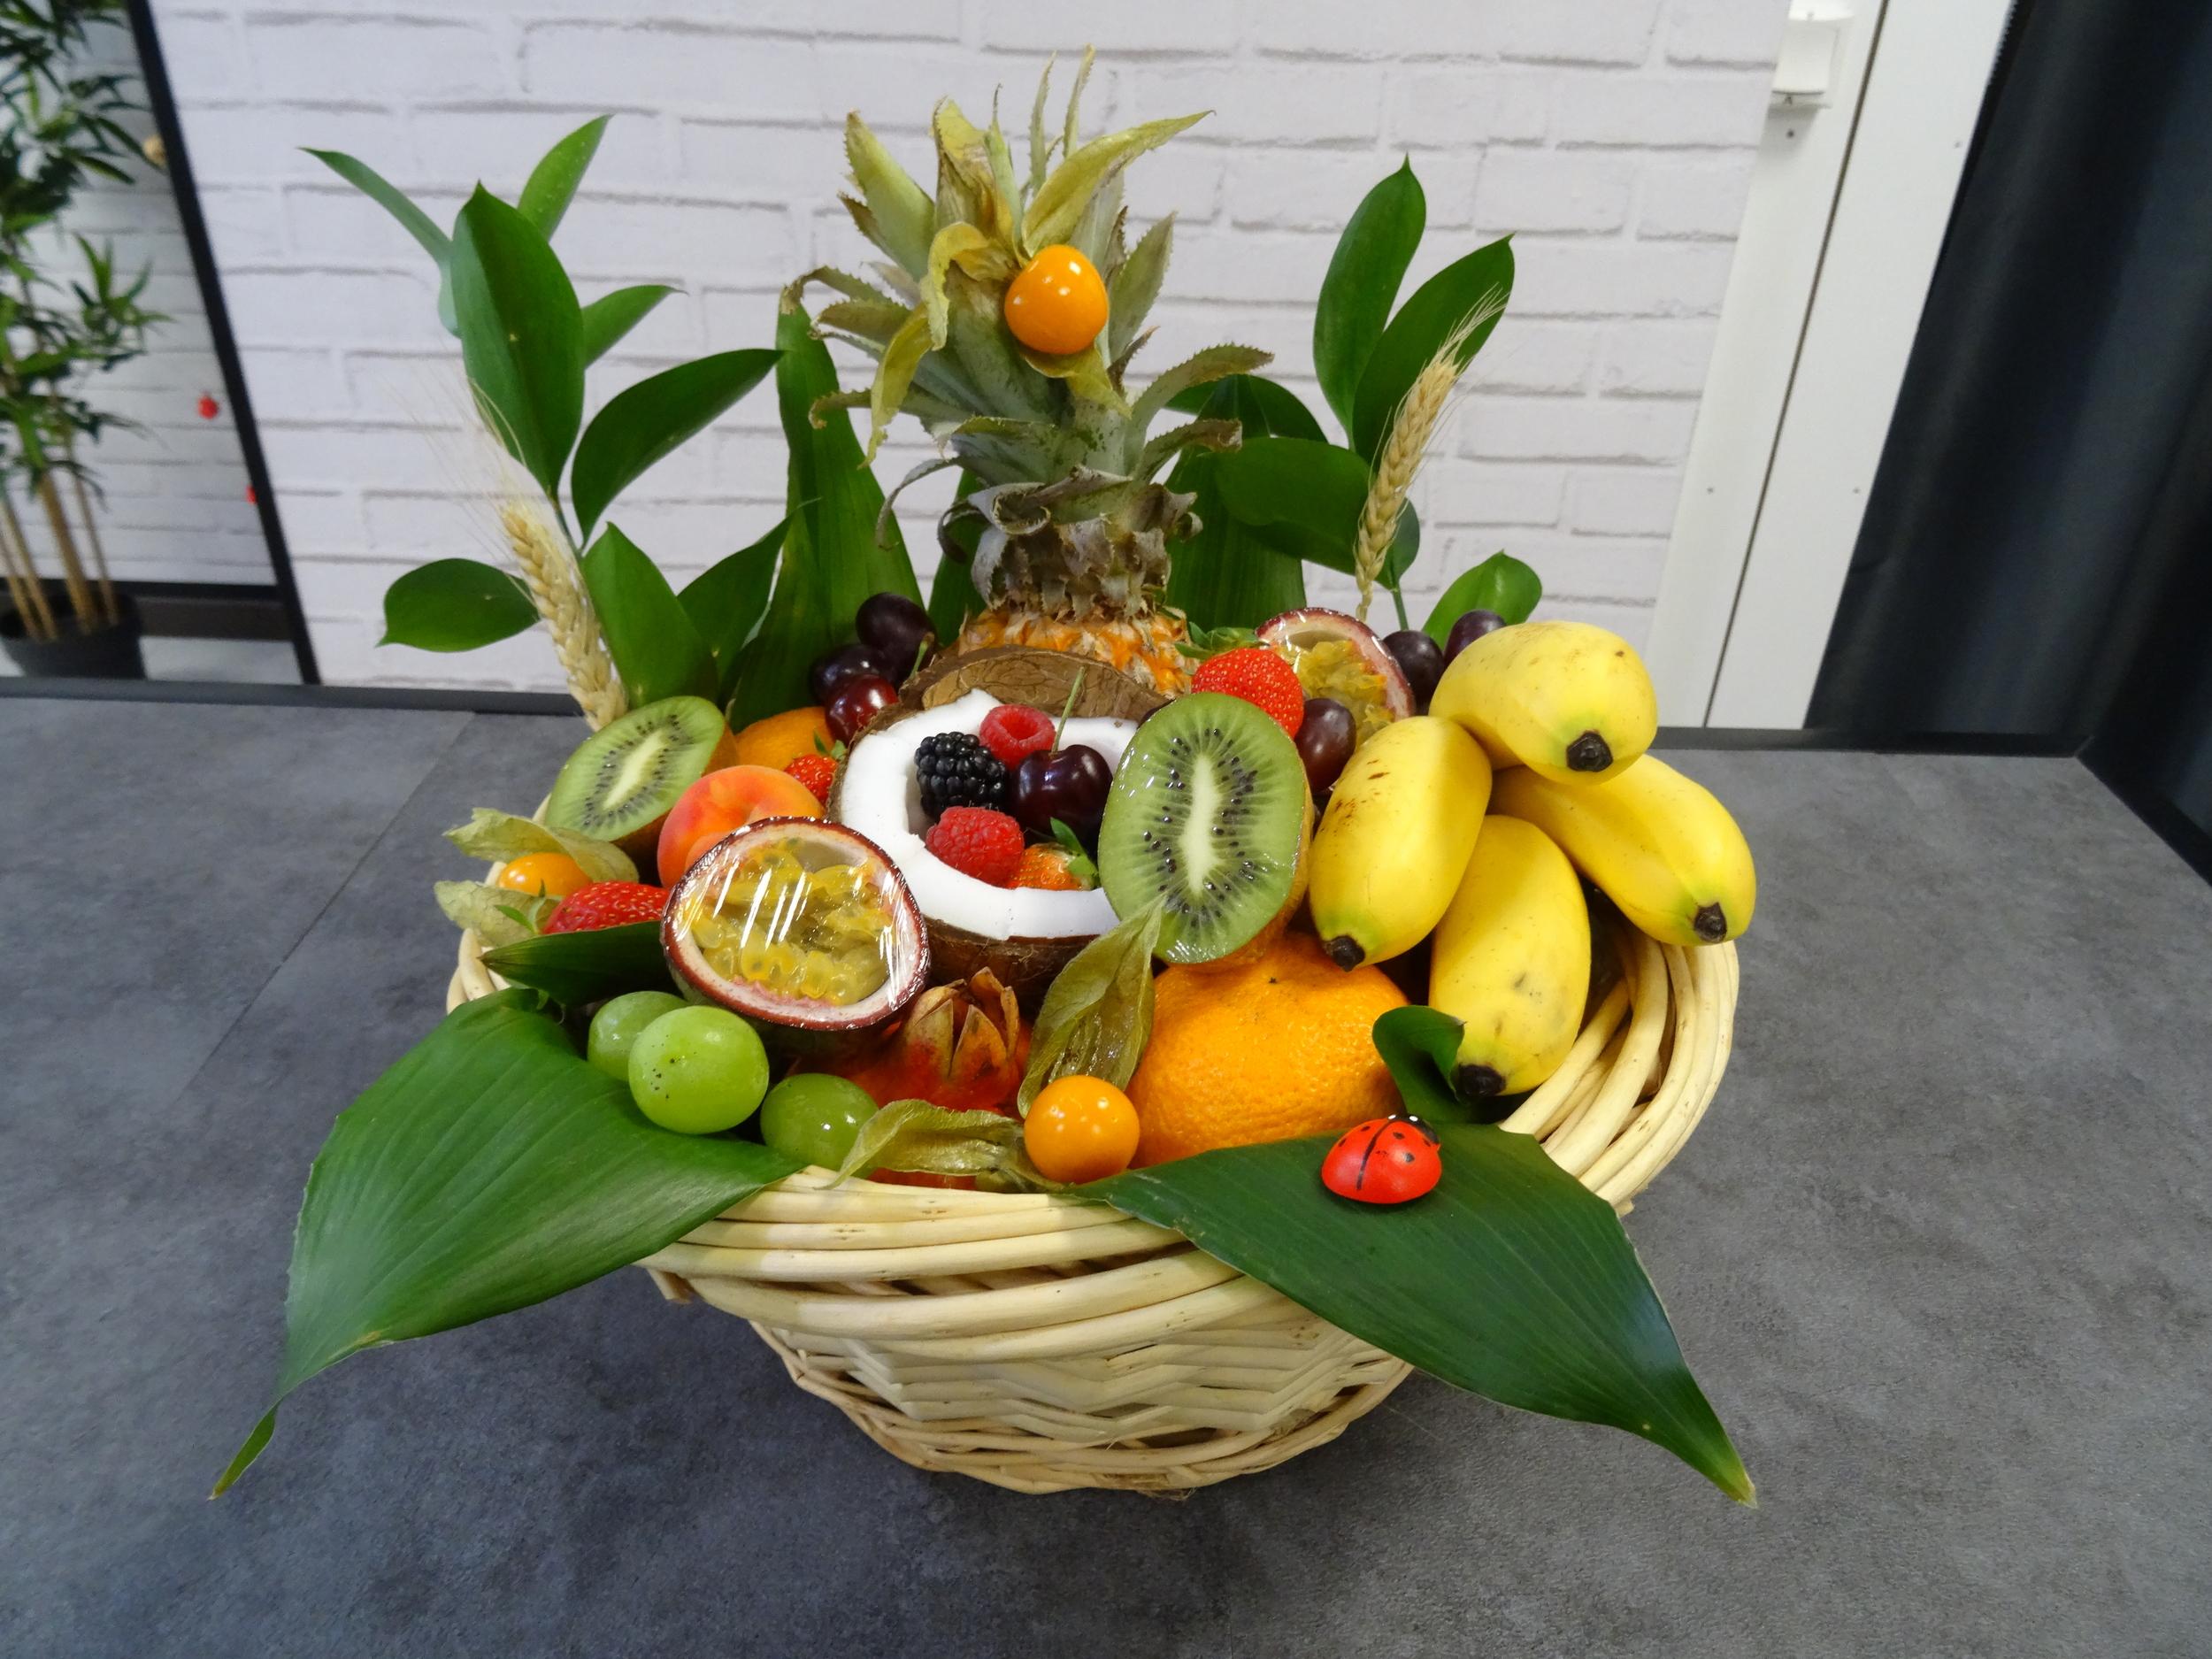 Corbeille de fruits exotiques - 3 kilos